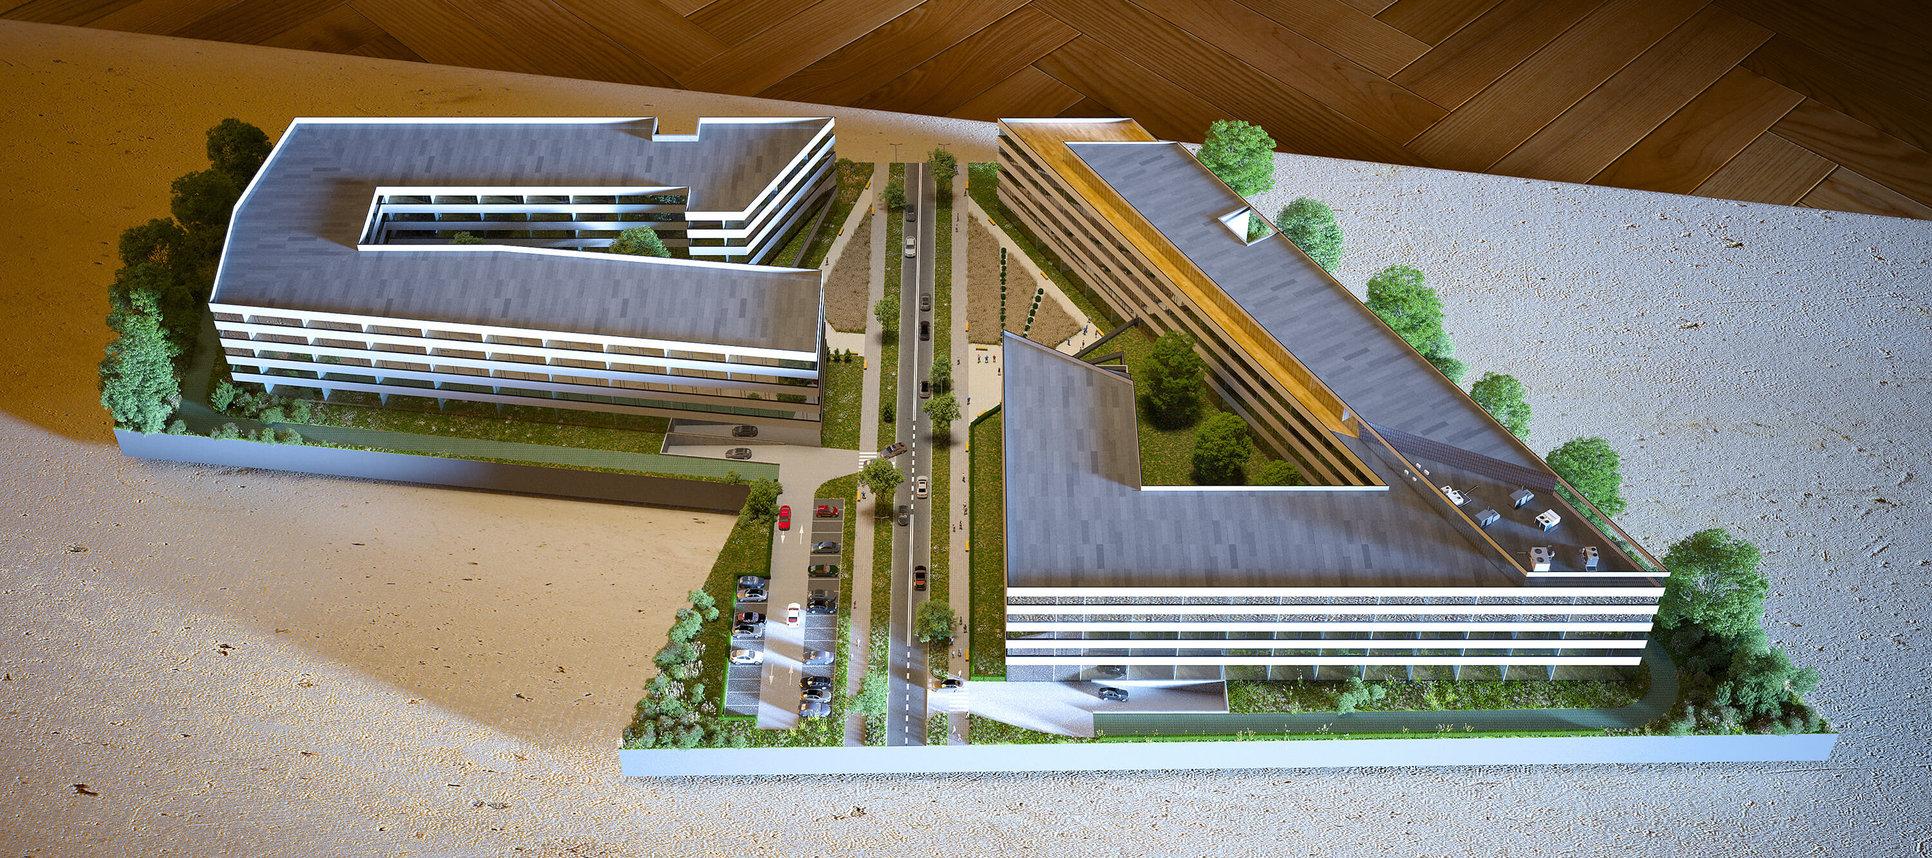 Wizualizacje architektoniczne - Makieta 3D